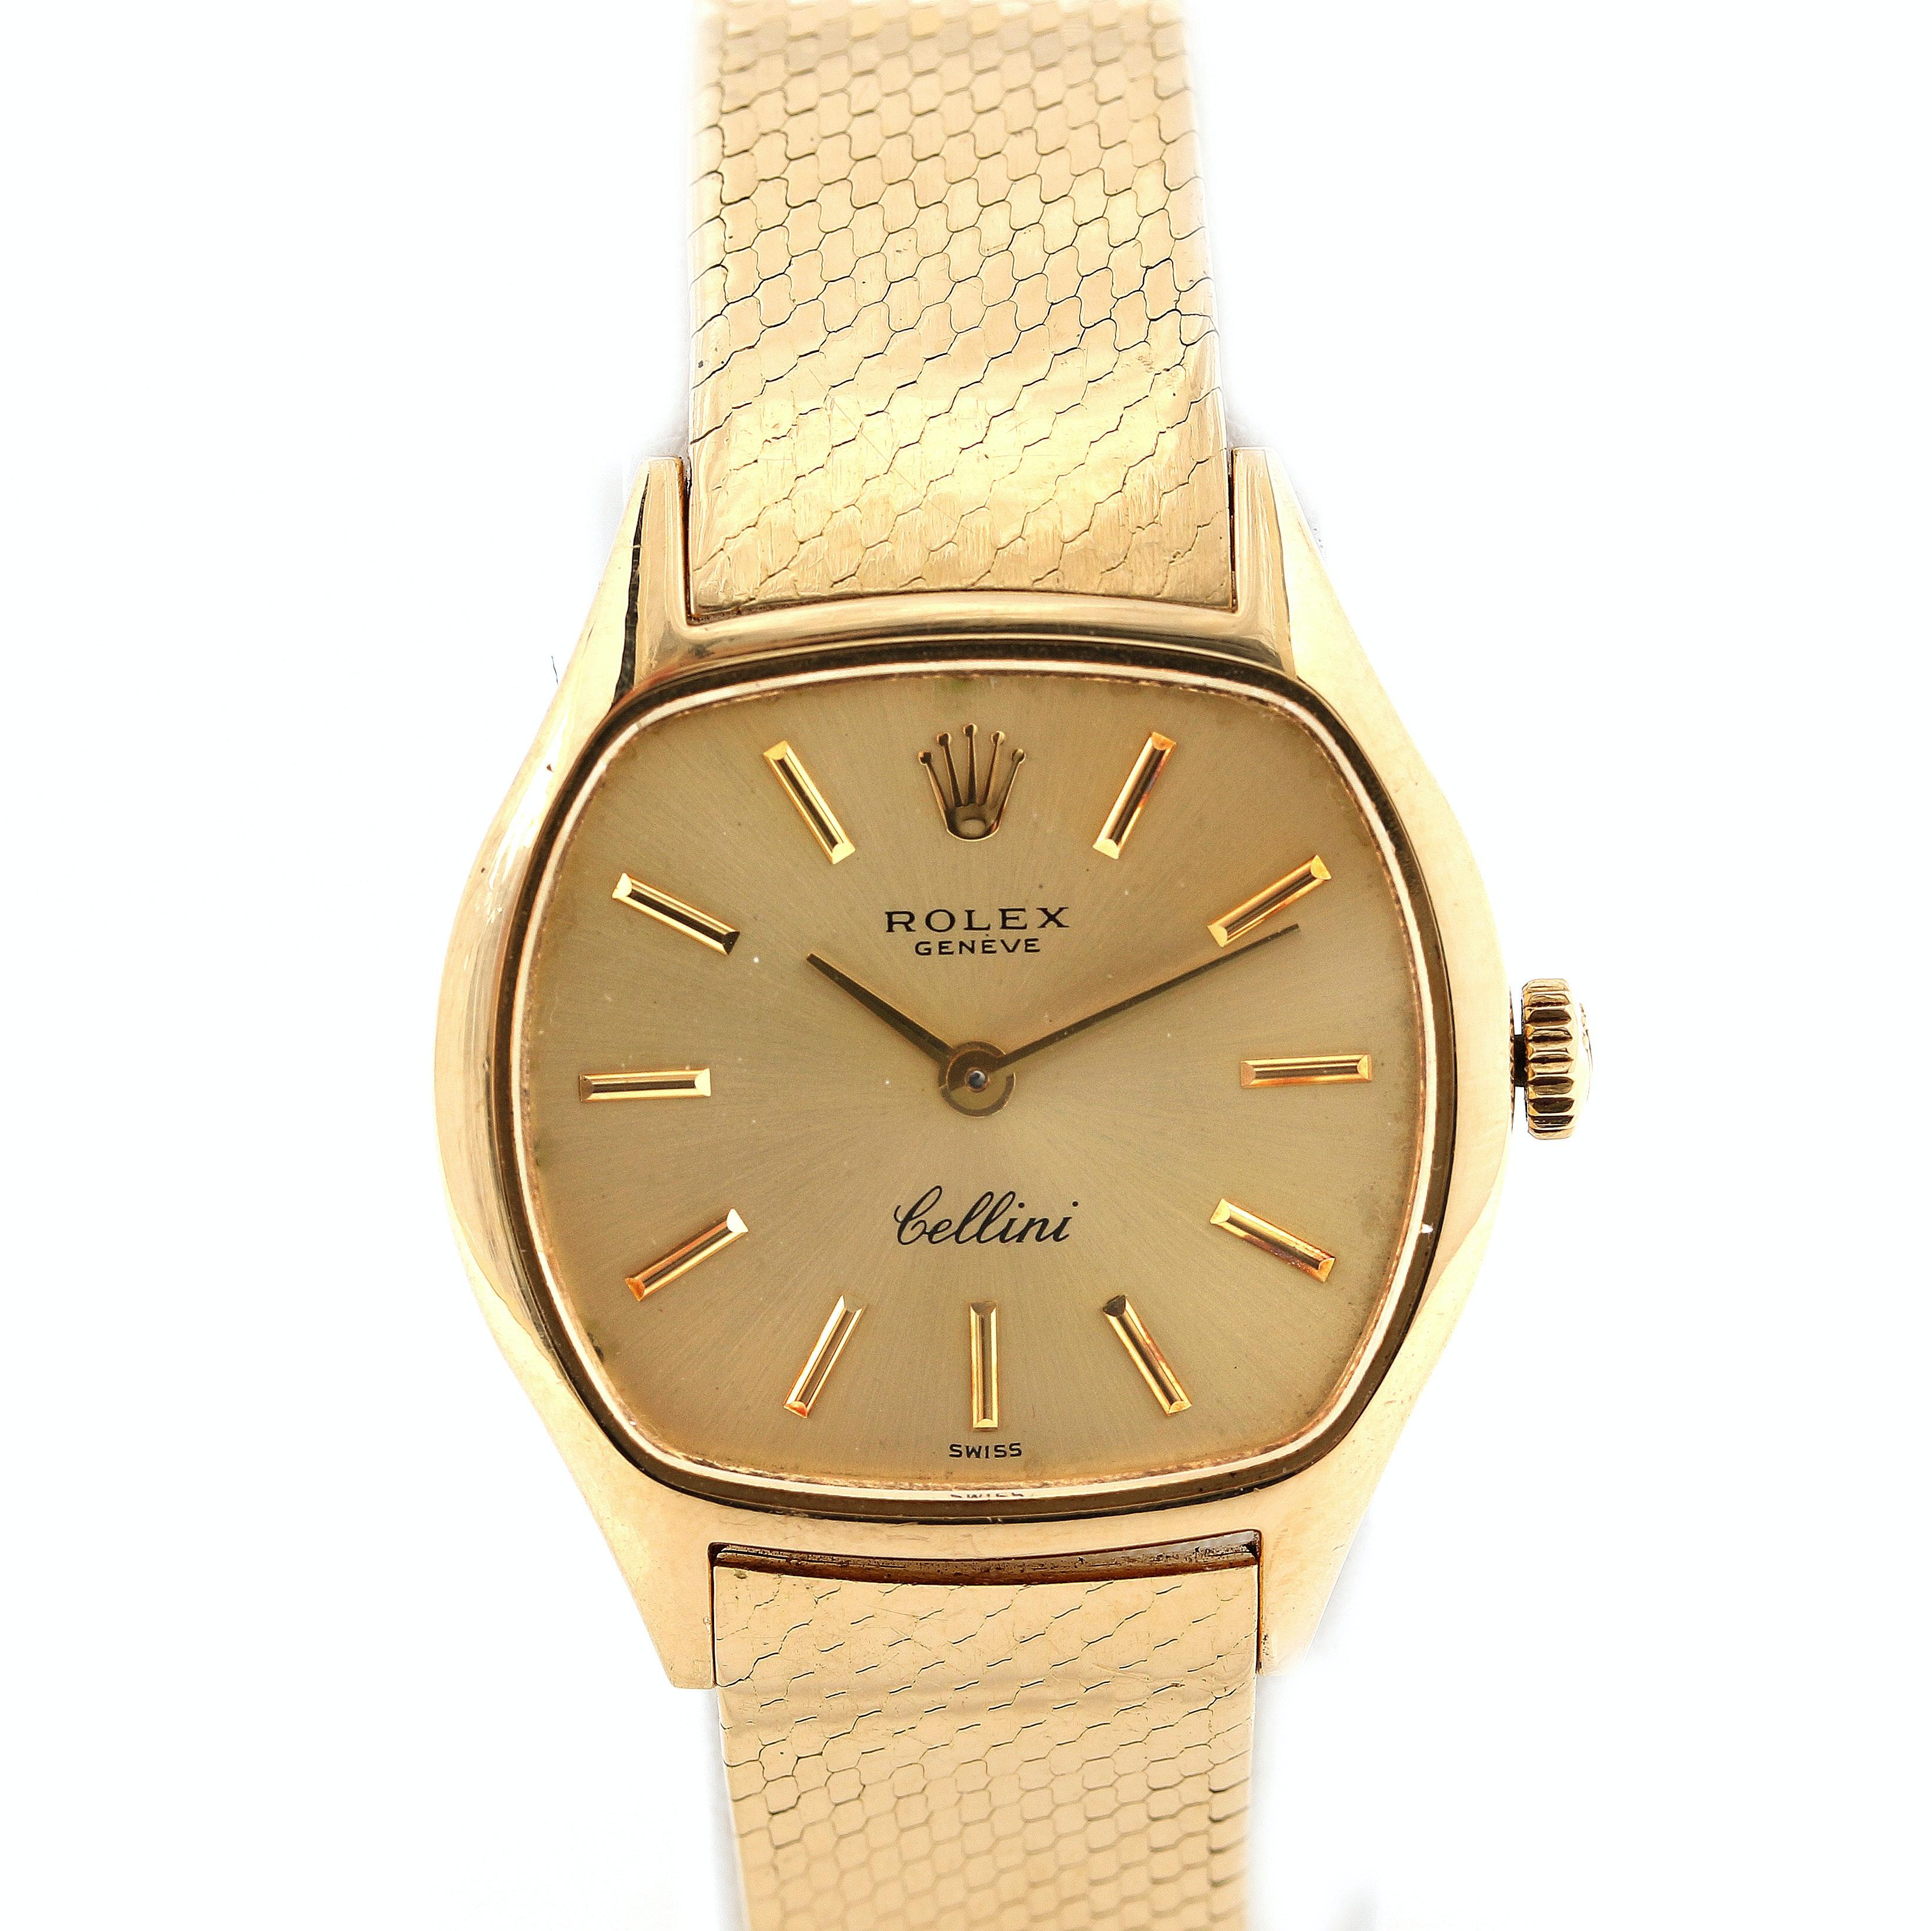 Rolex 18K Yellow Gold Cellini Wristwatch